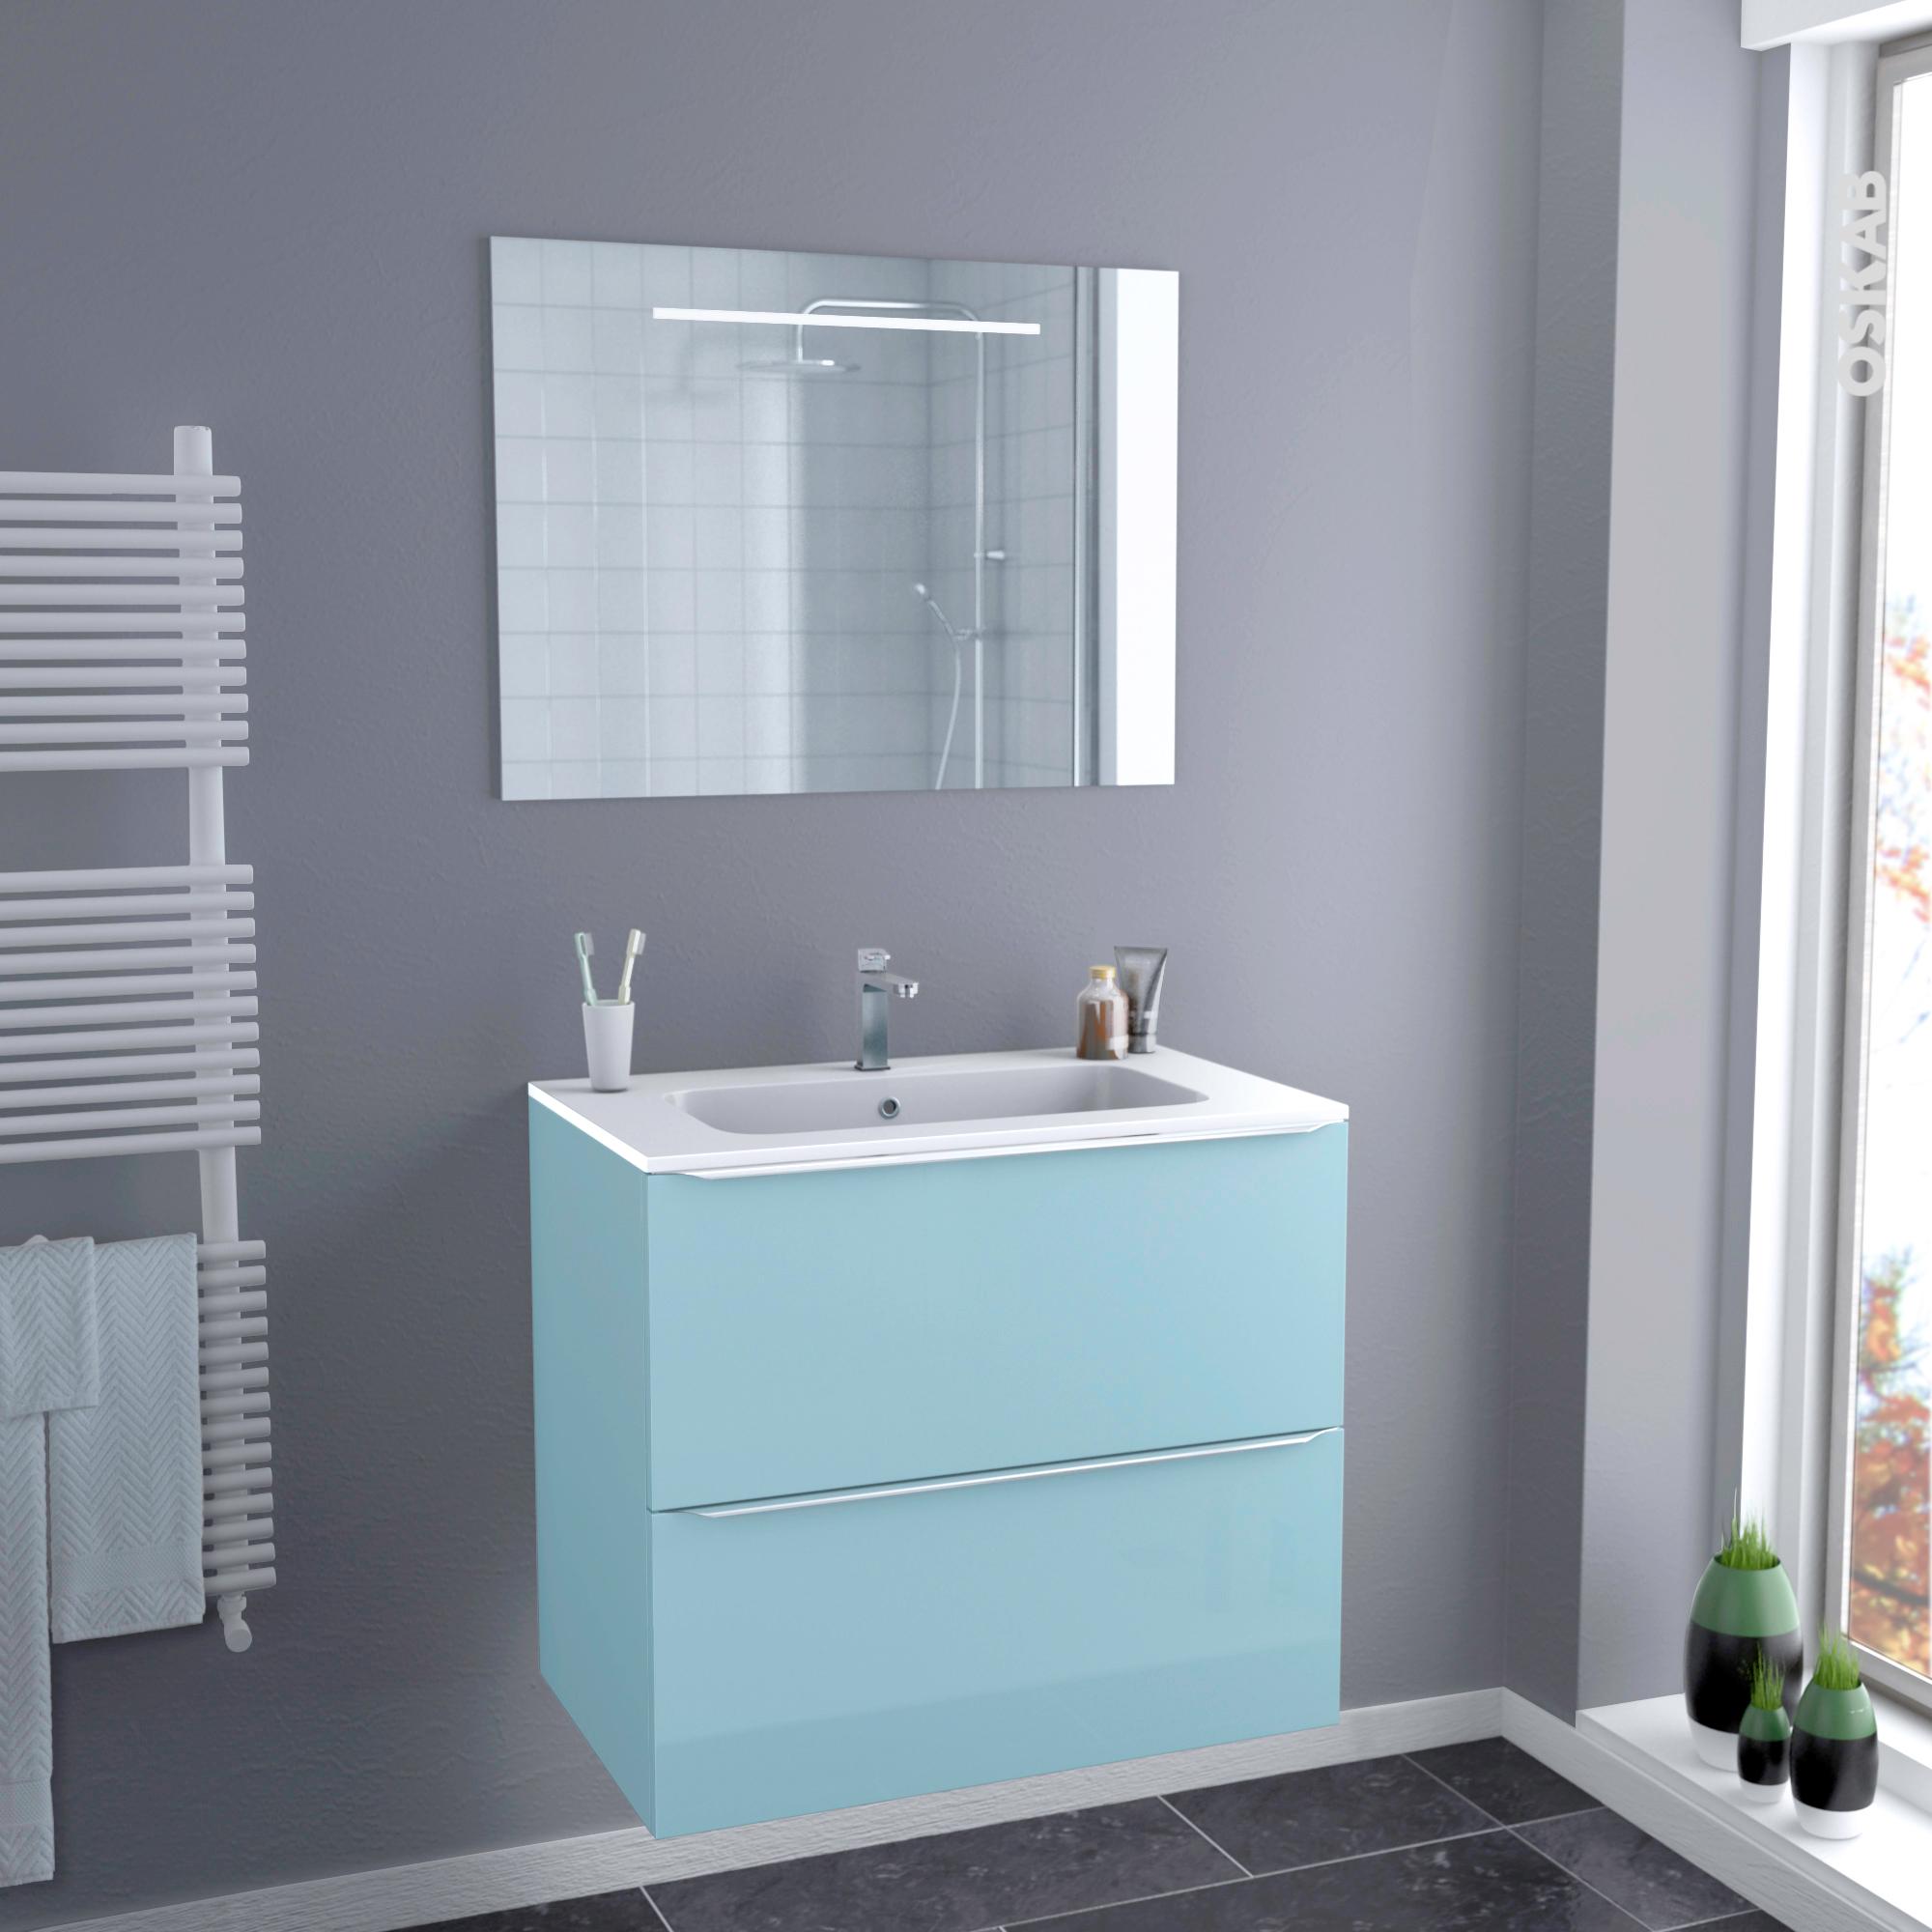 Plan Vasque Salle De Bain Pmr ~ Ensemble Salle De Bains Meuble Keria Bleu Plan Vasque R Sine Miroir